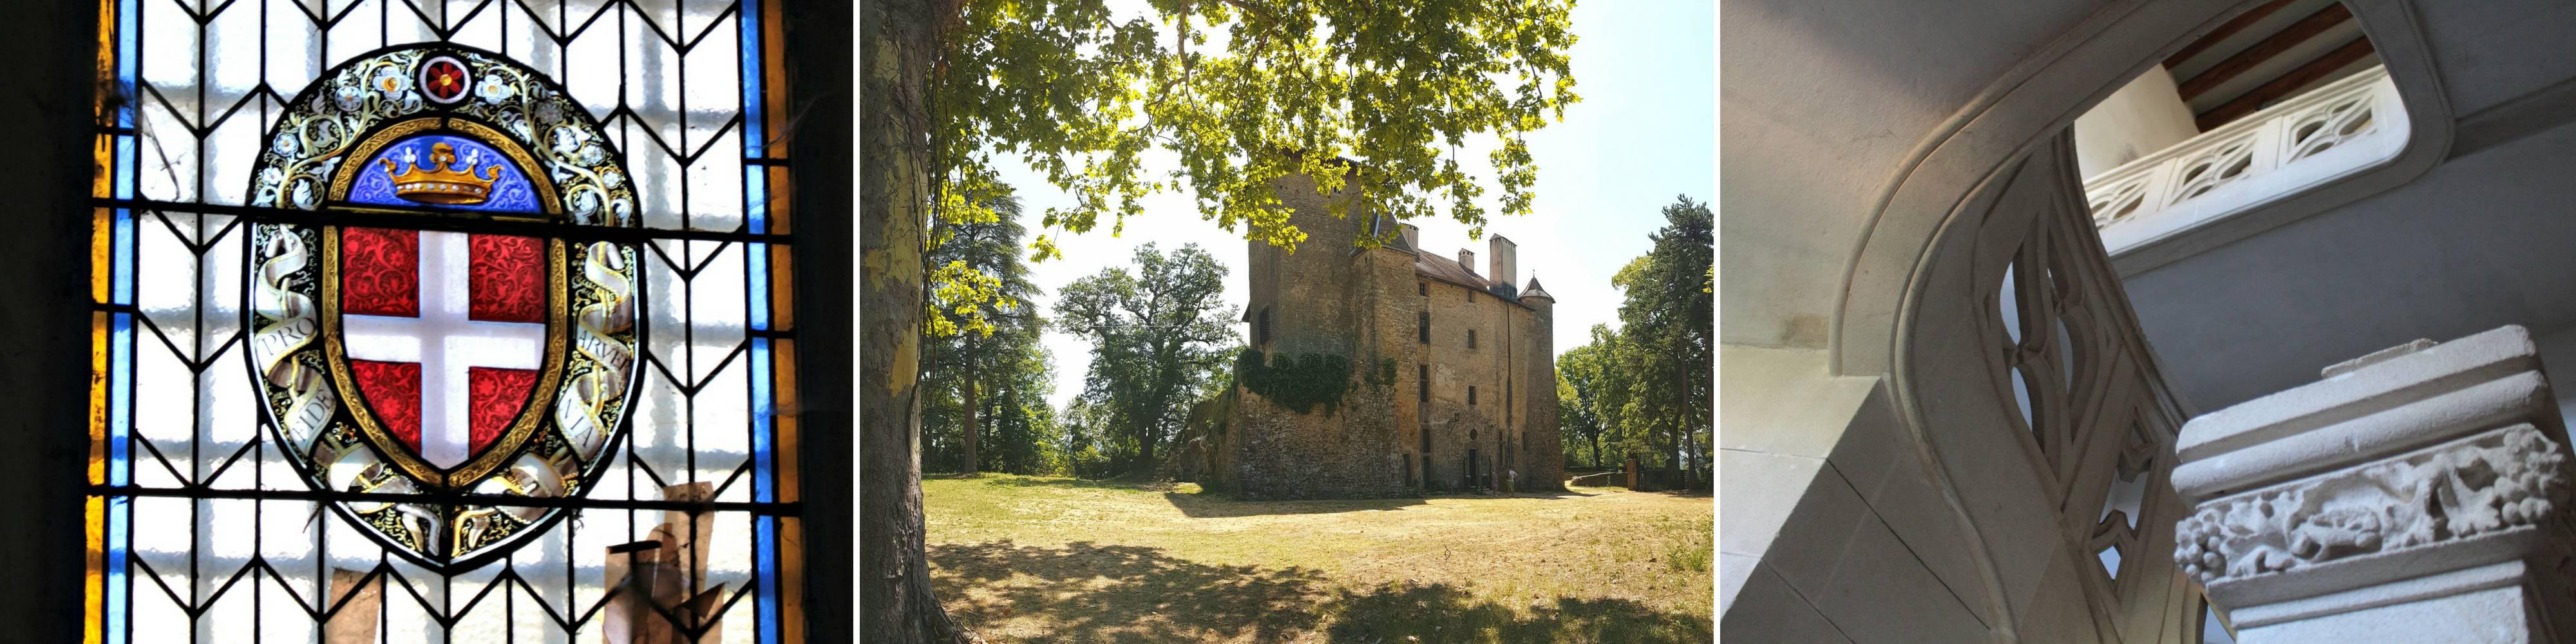 Visiter le château de Charmes.j